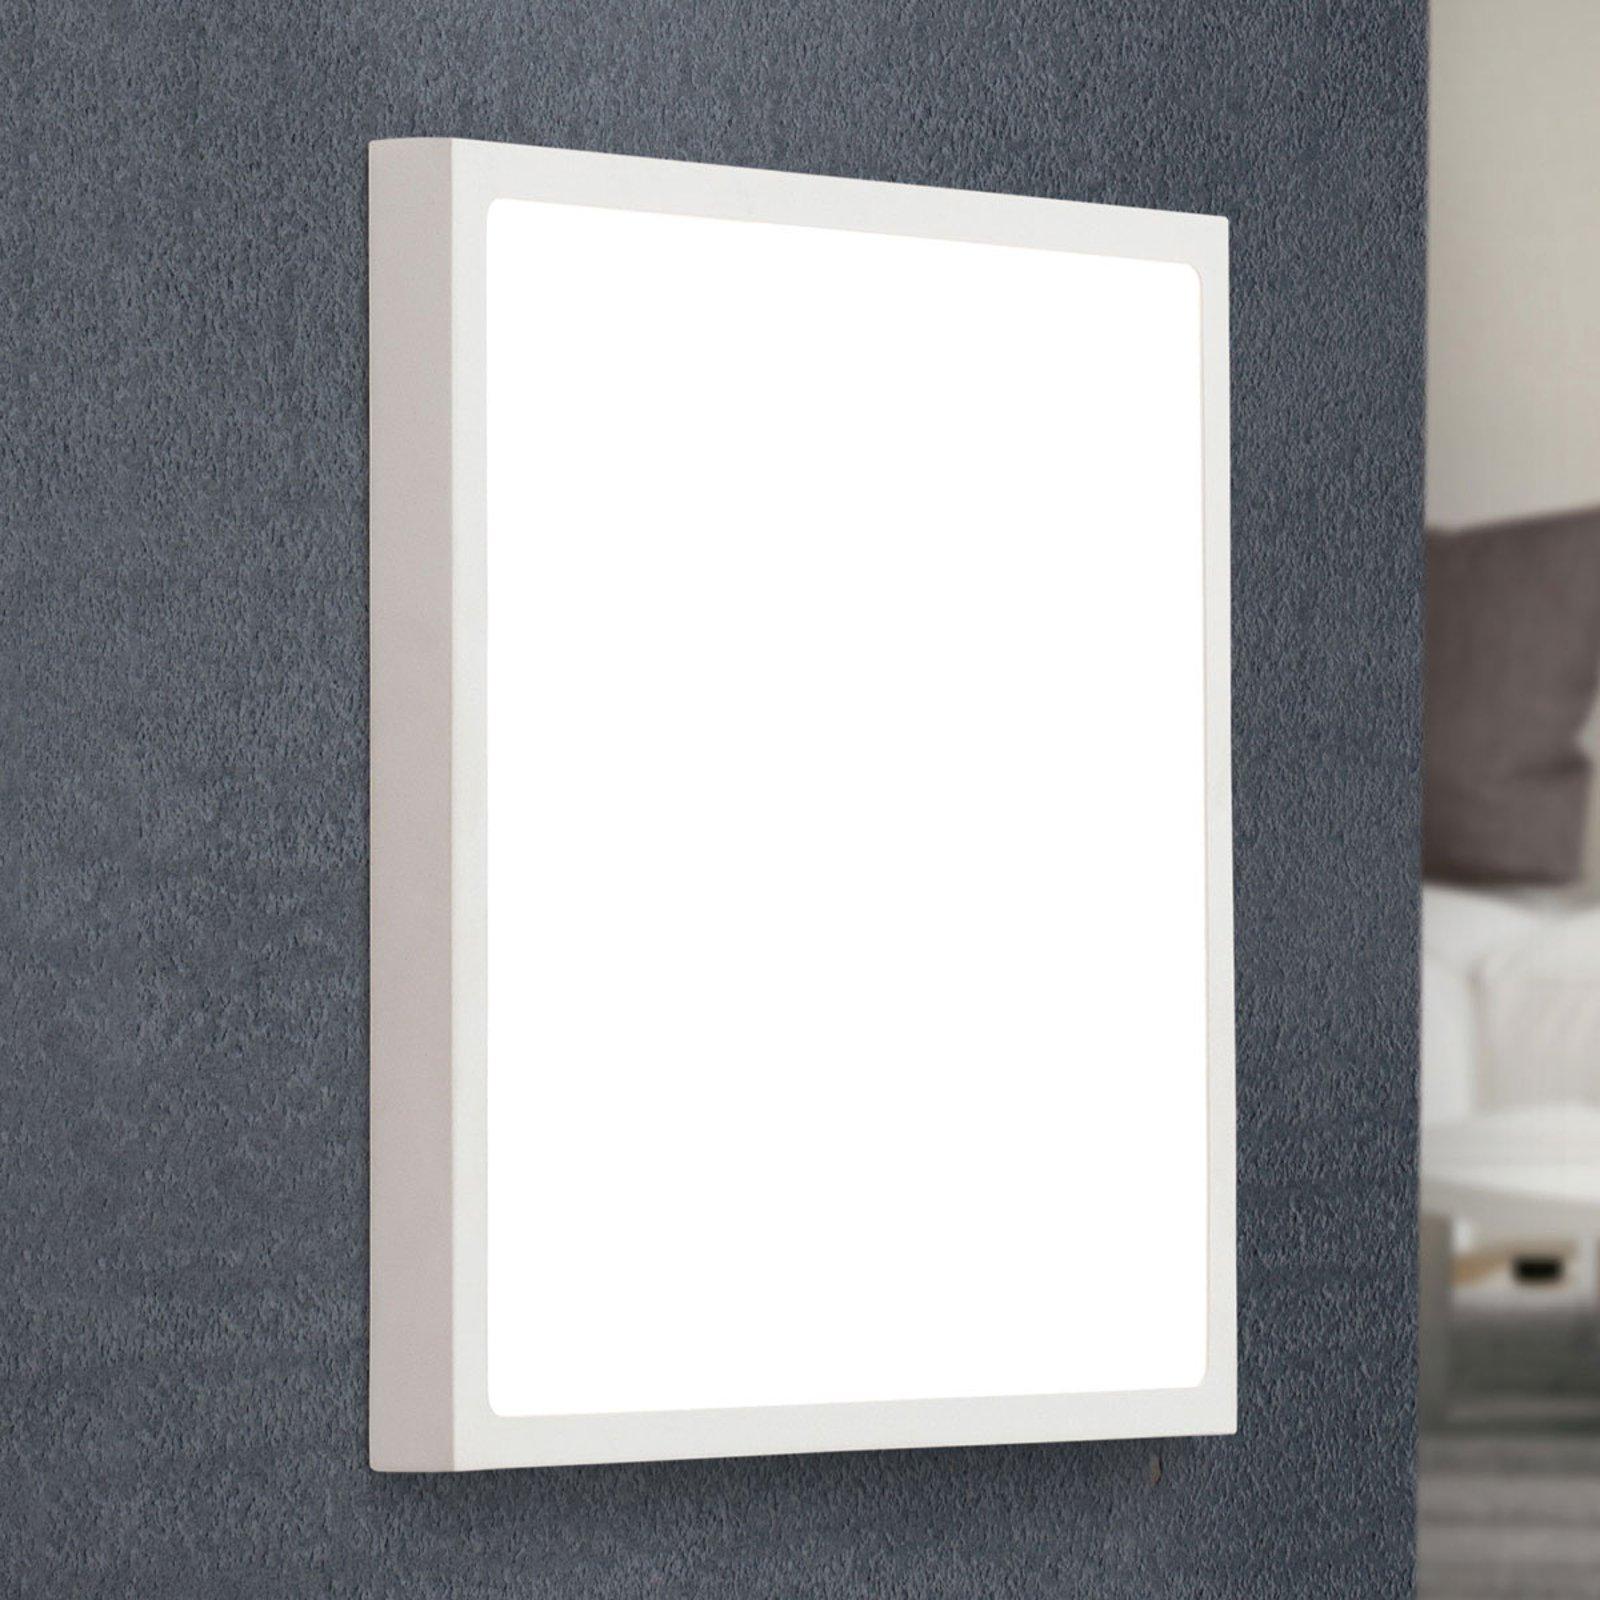 LED-vegglampe Vika, firkantet, hvit, 30x30cm